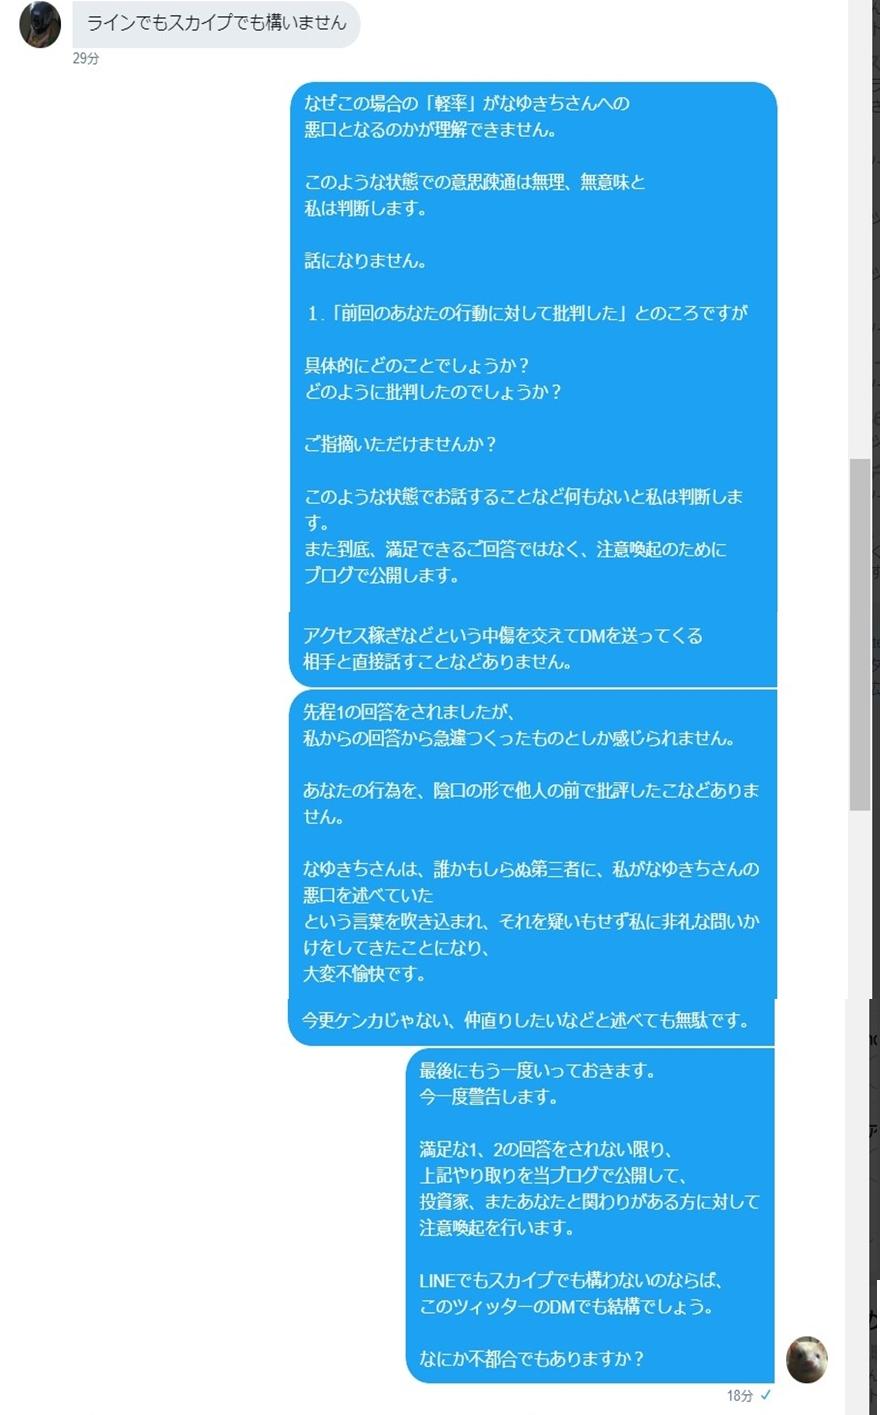 09なゆきち氏メッセージ